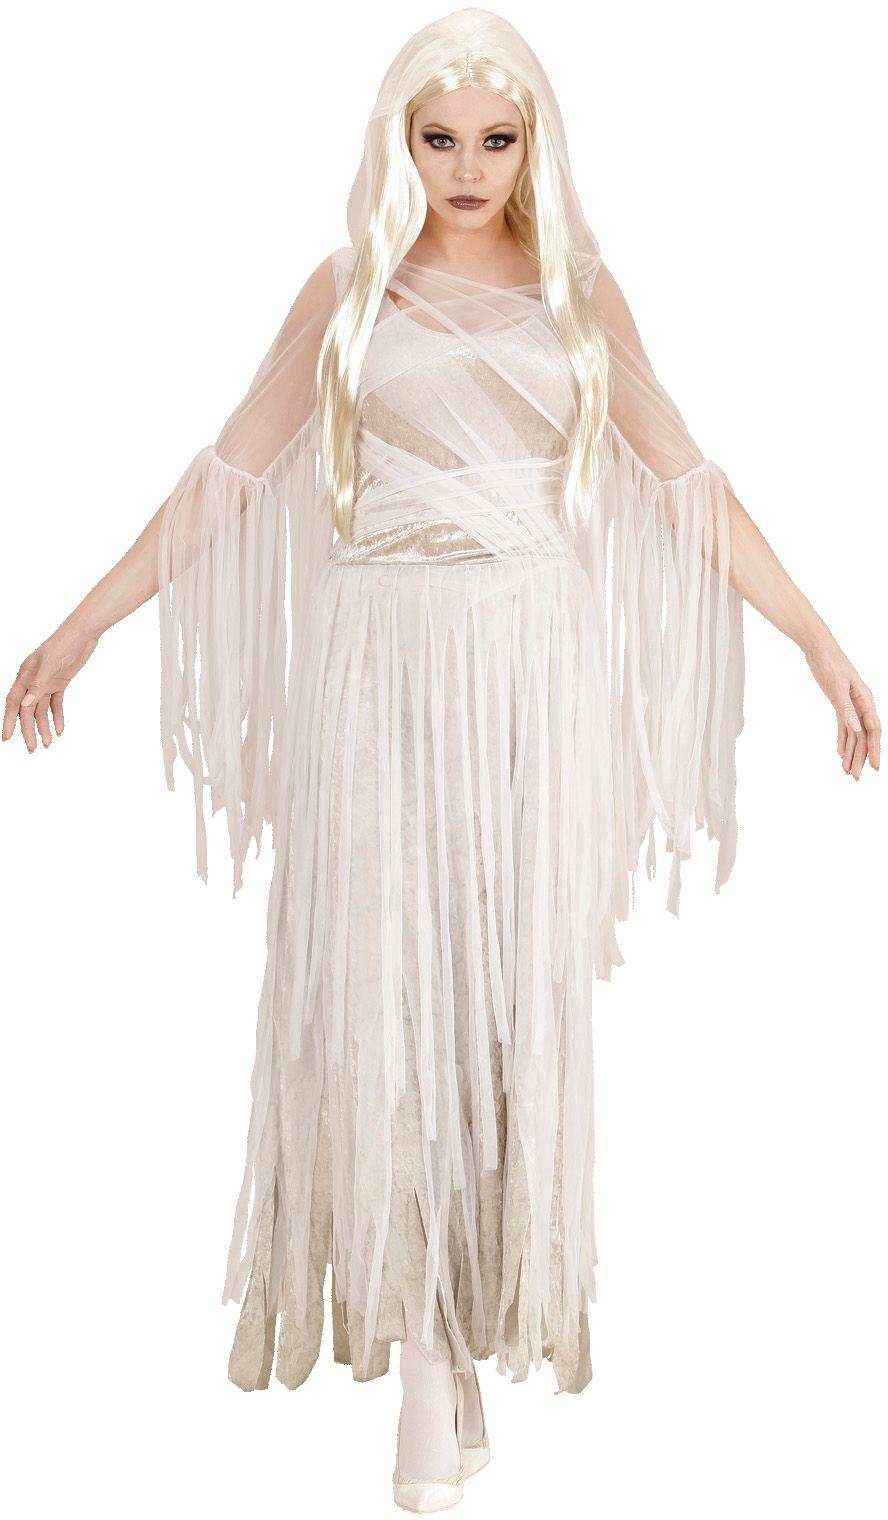 Witte geest jurk